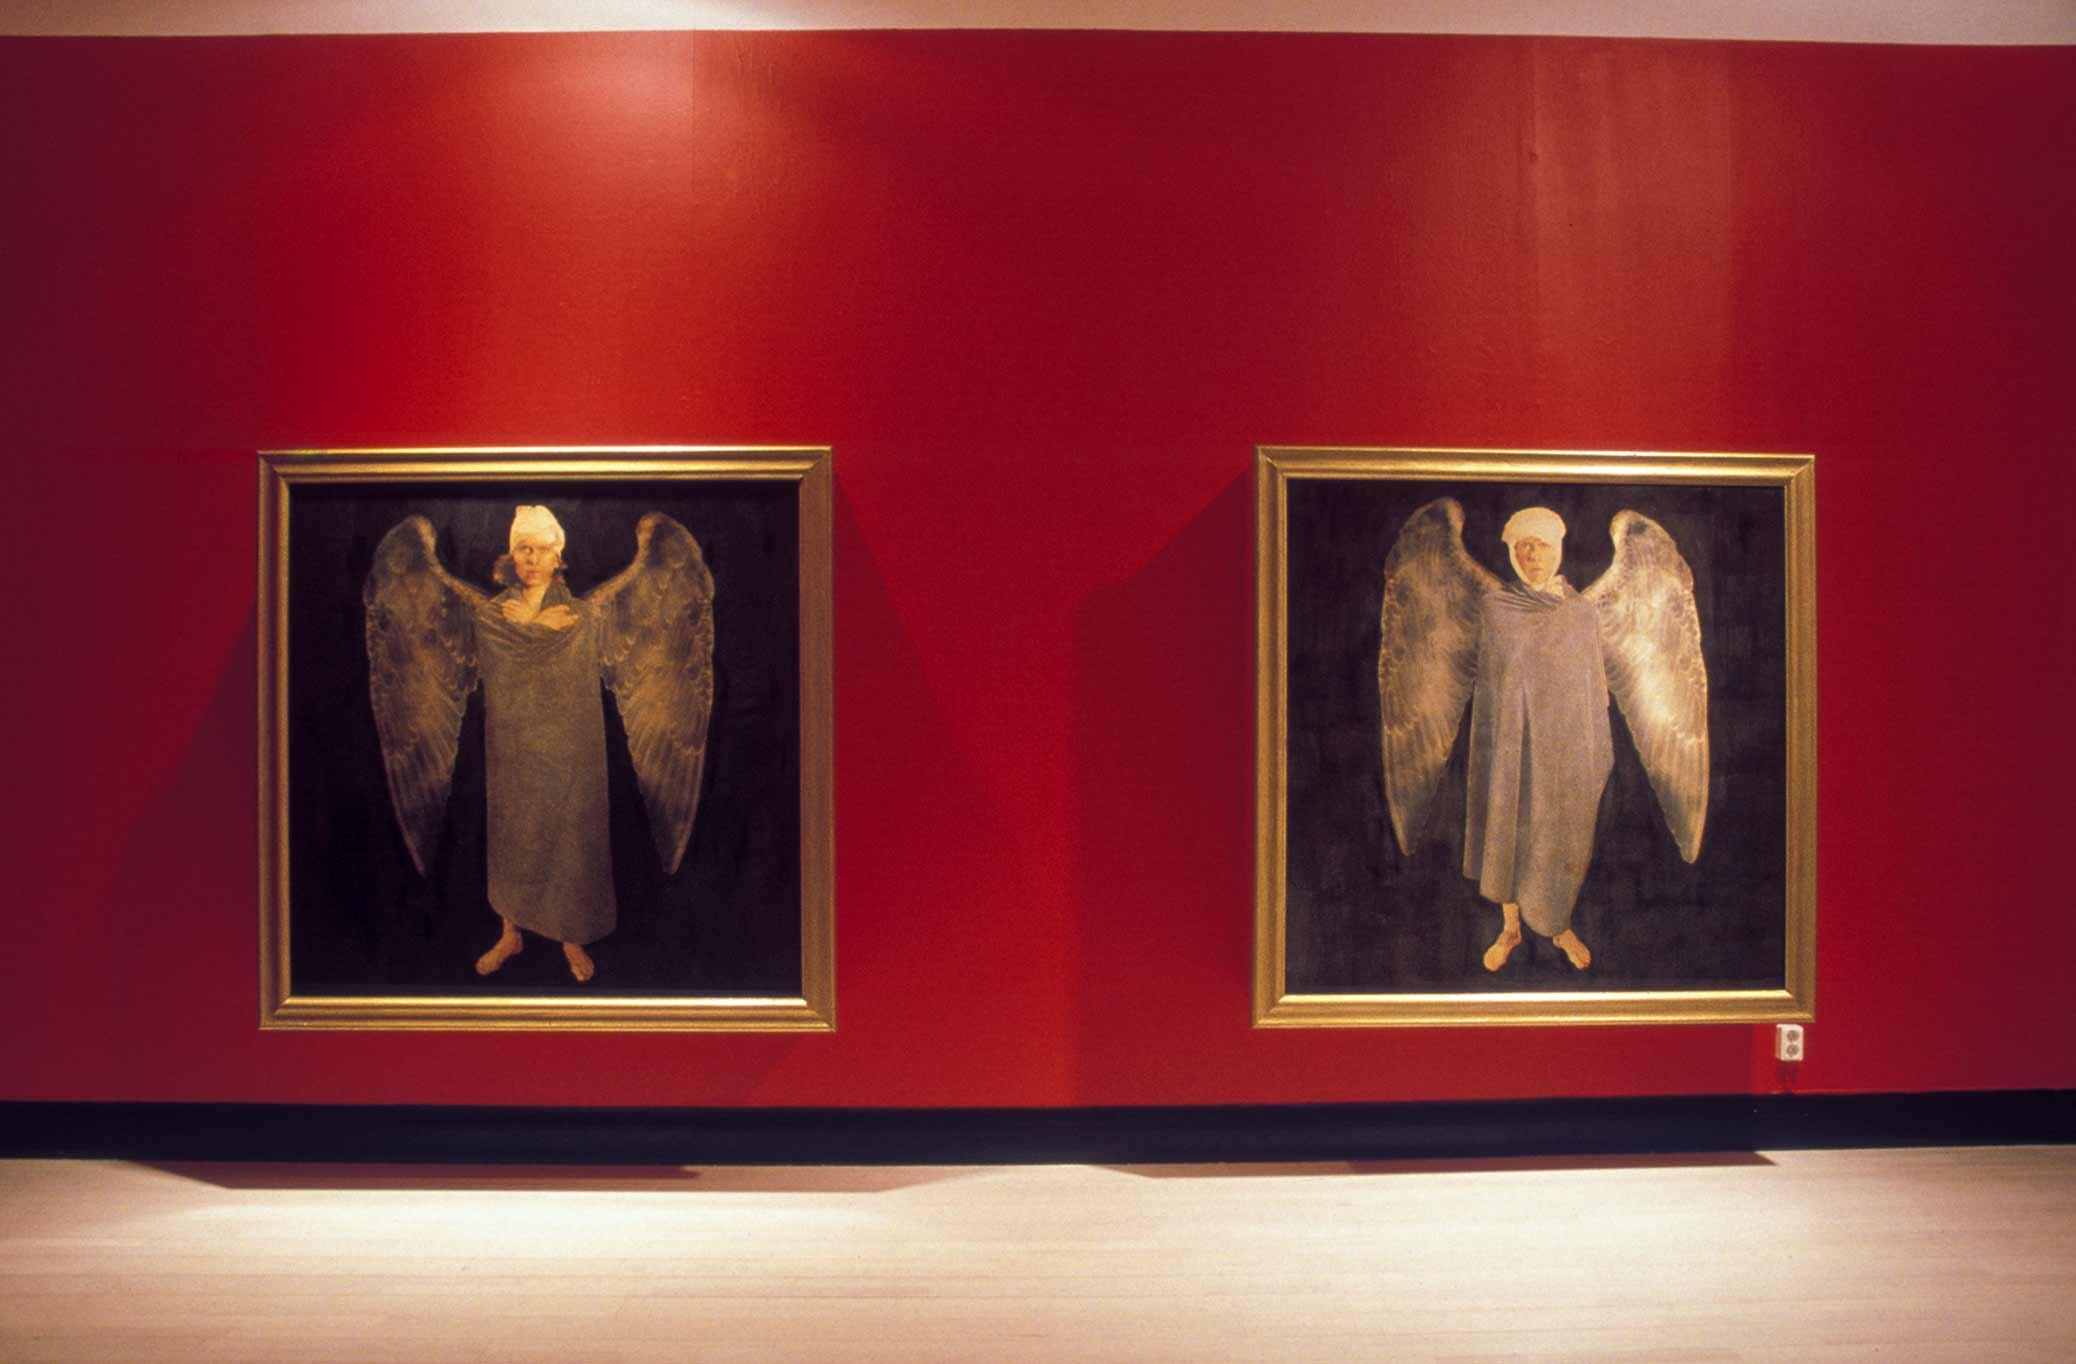 Flygfän, installation with paintings of wounded angels, in a room with red walls. Flygfän, installation med tavlor föreställande skadade änglar, i ett rum med röda väggar.